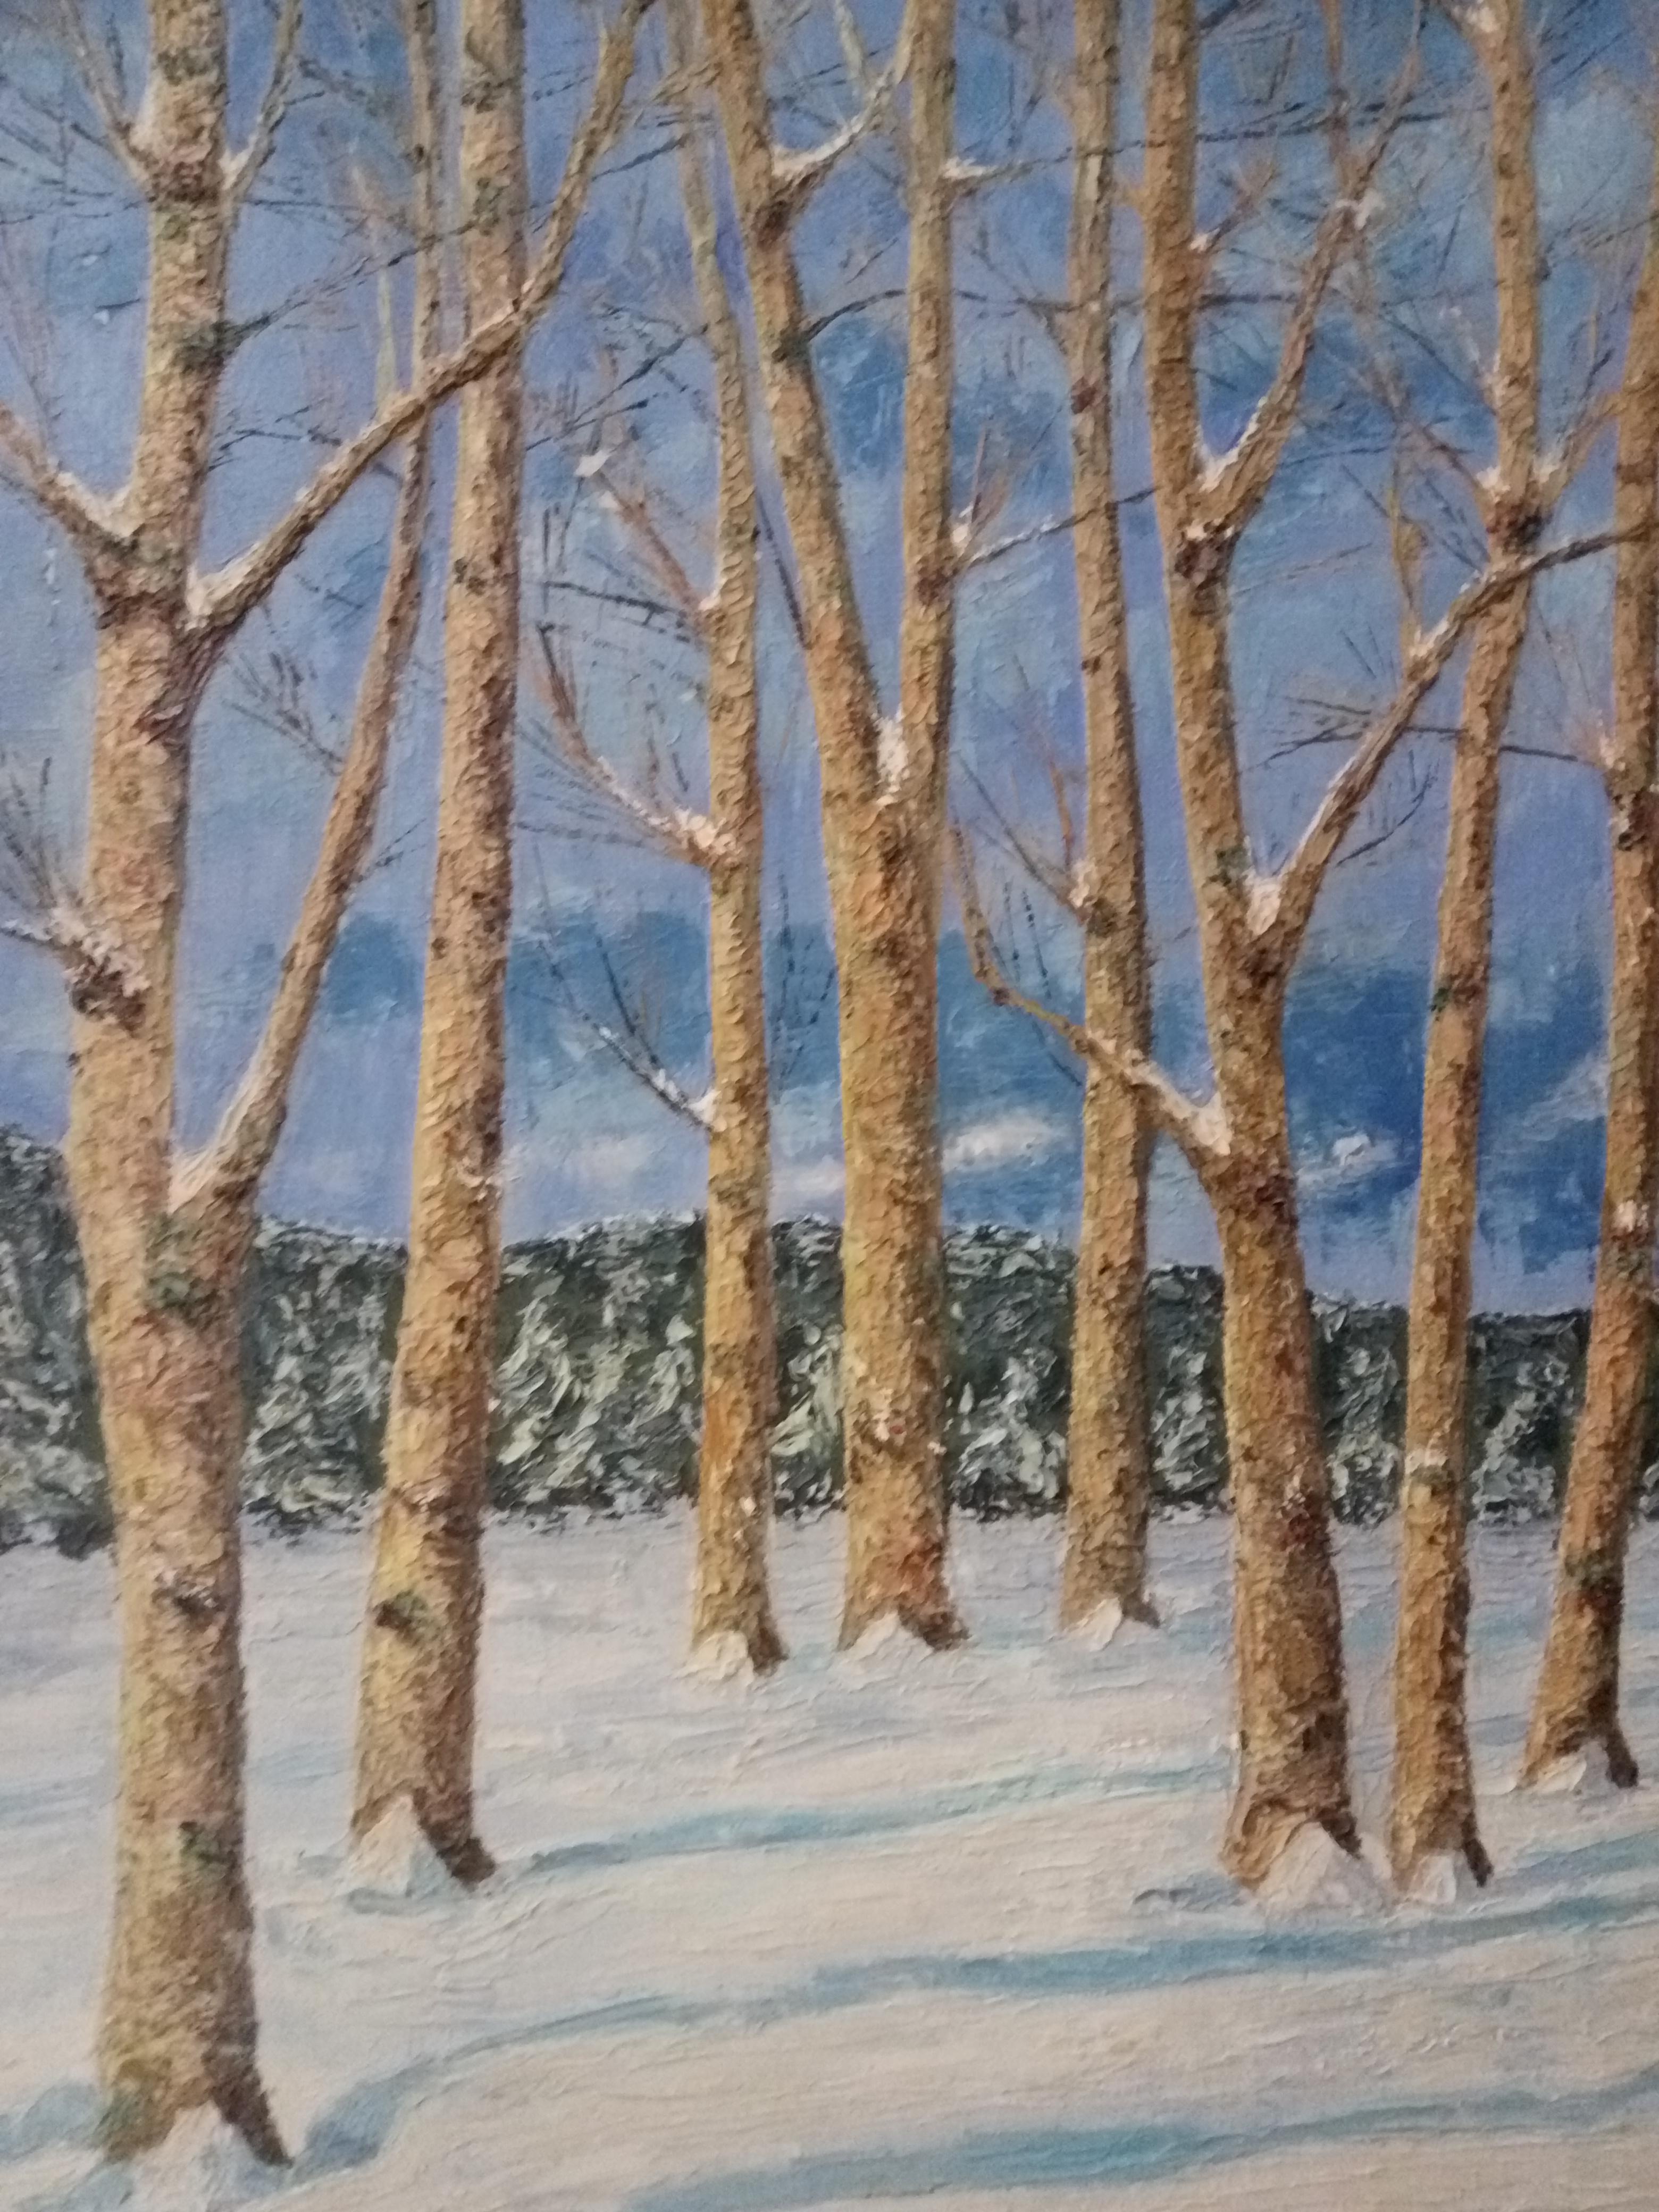 Un bosque de hoja caduca tras una nevada